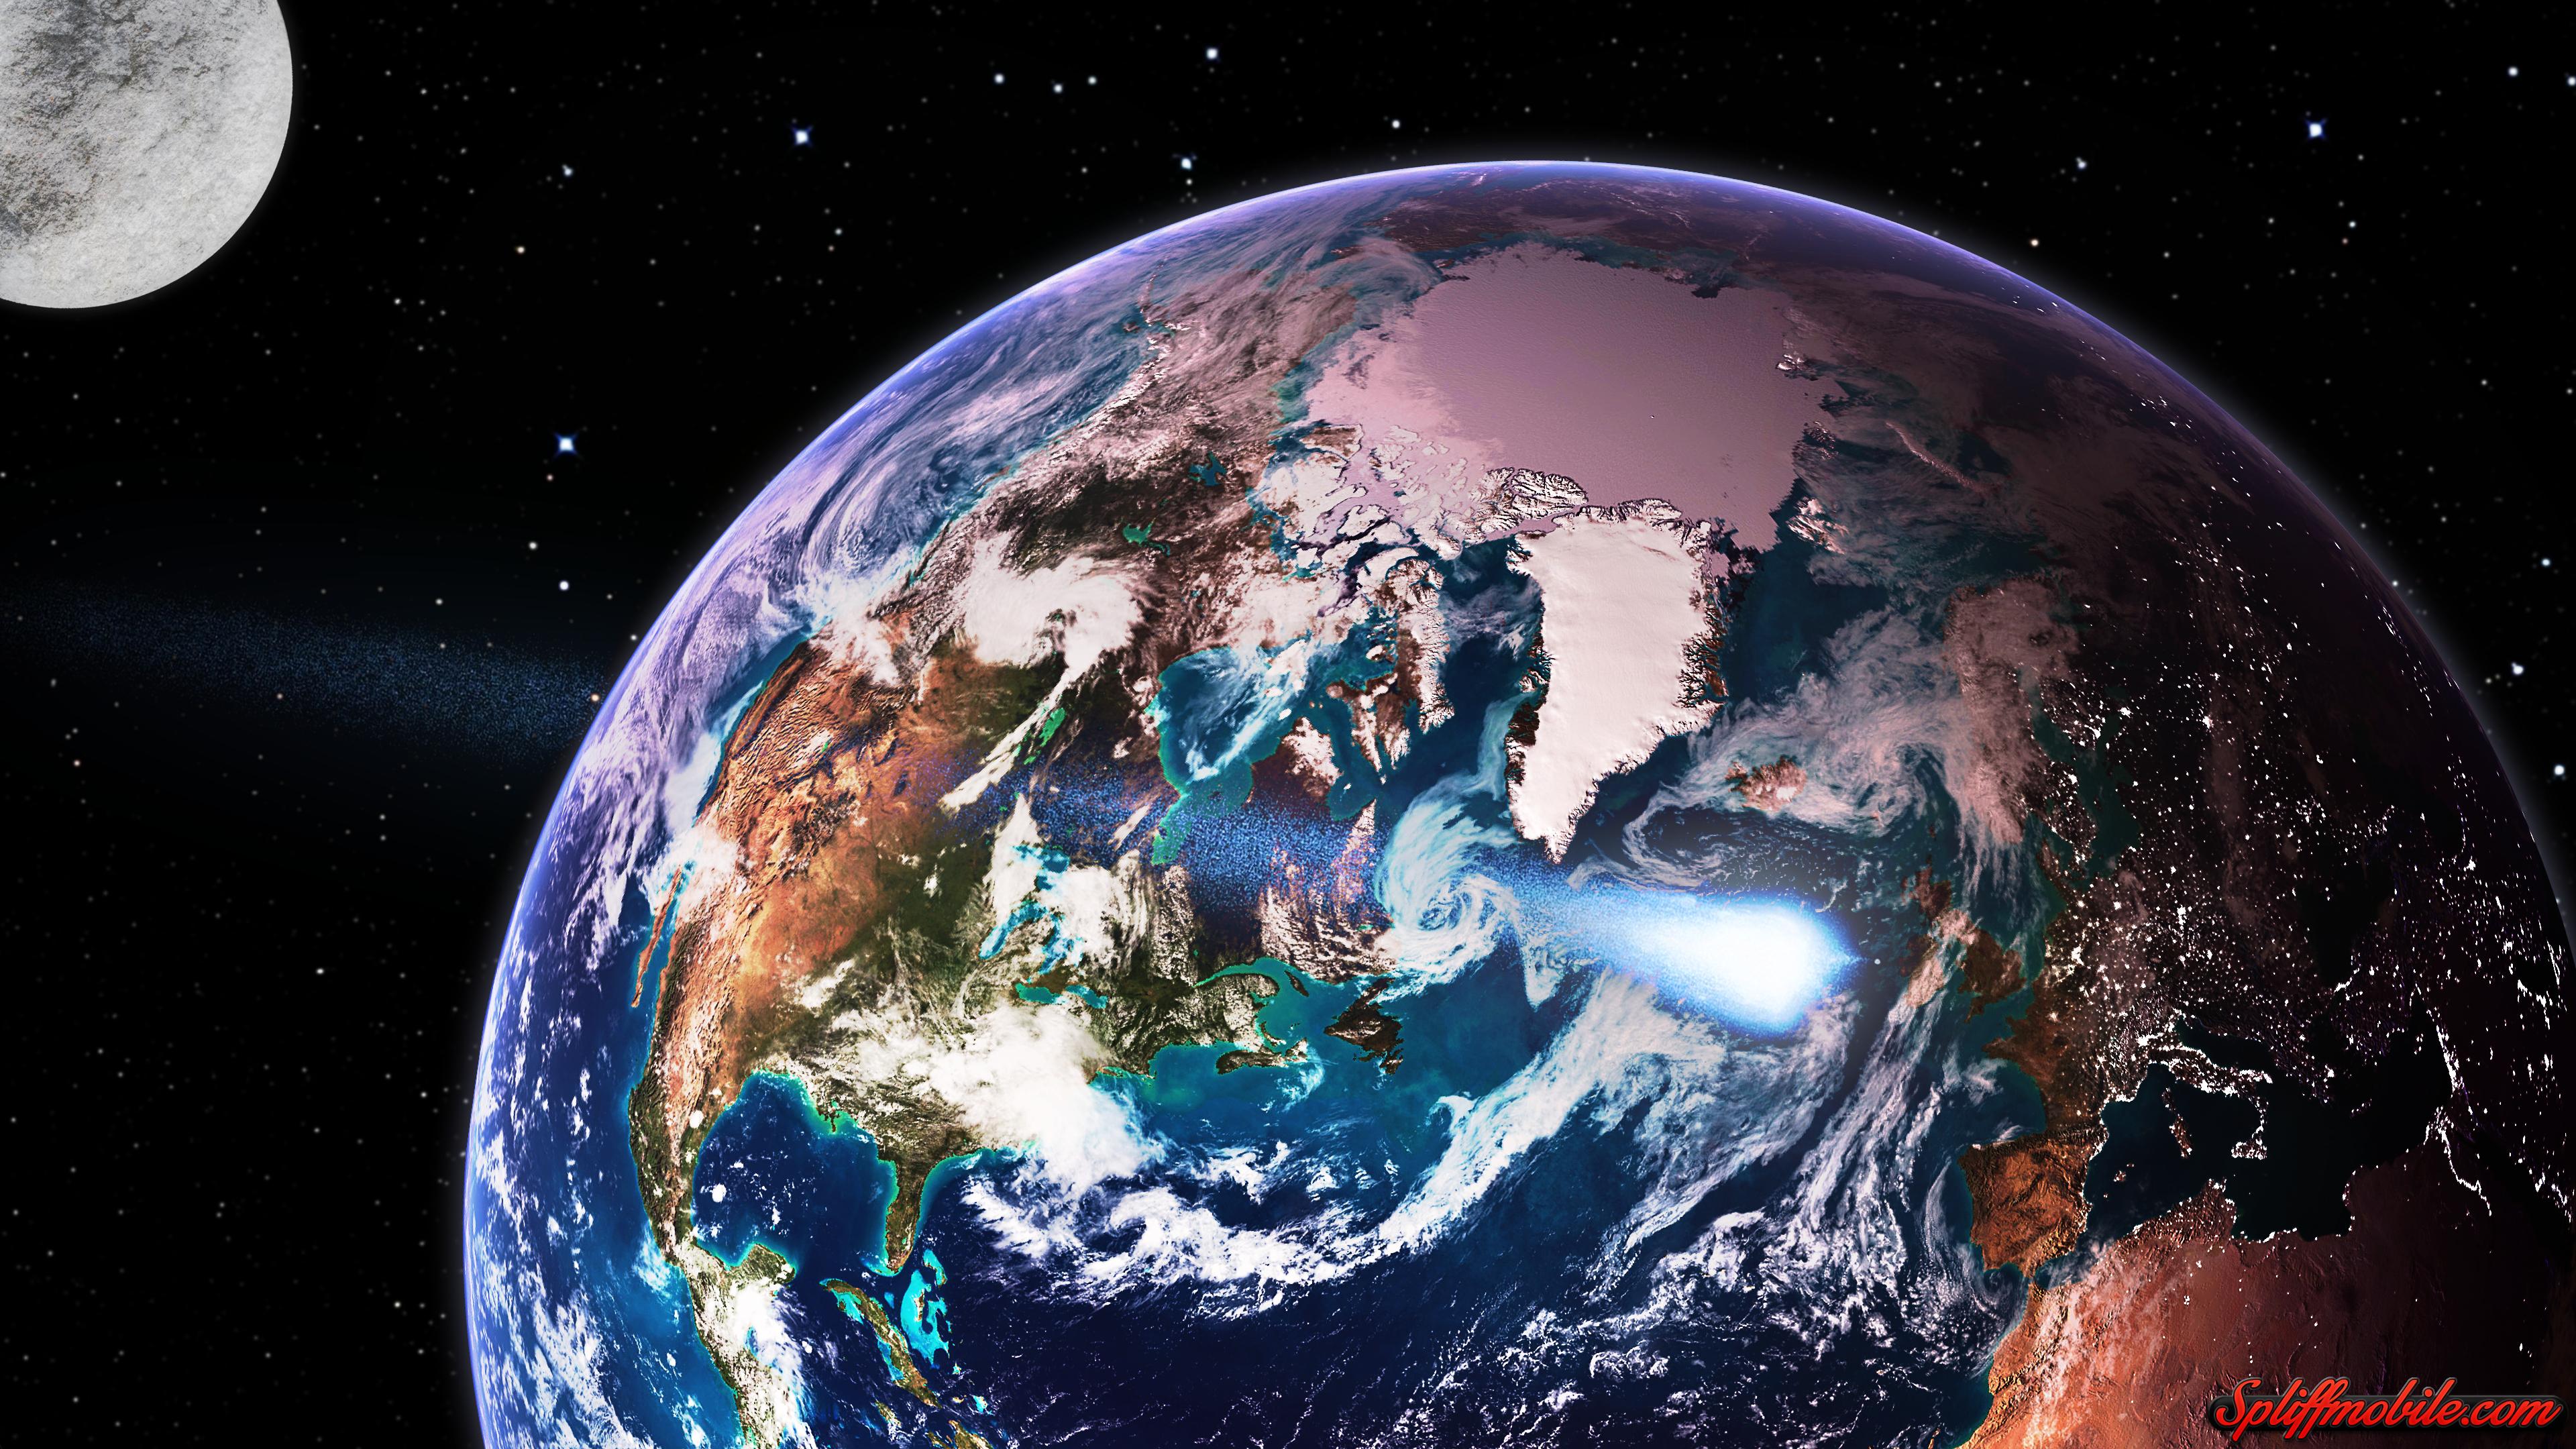 Hd Earth Wallpapers 4k Ultra Hd Earth 3840x2160 Download Hd Wallpaper Wallpapertip